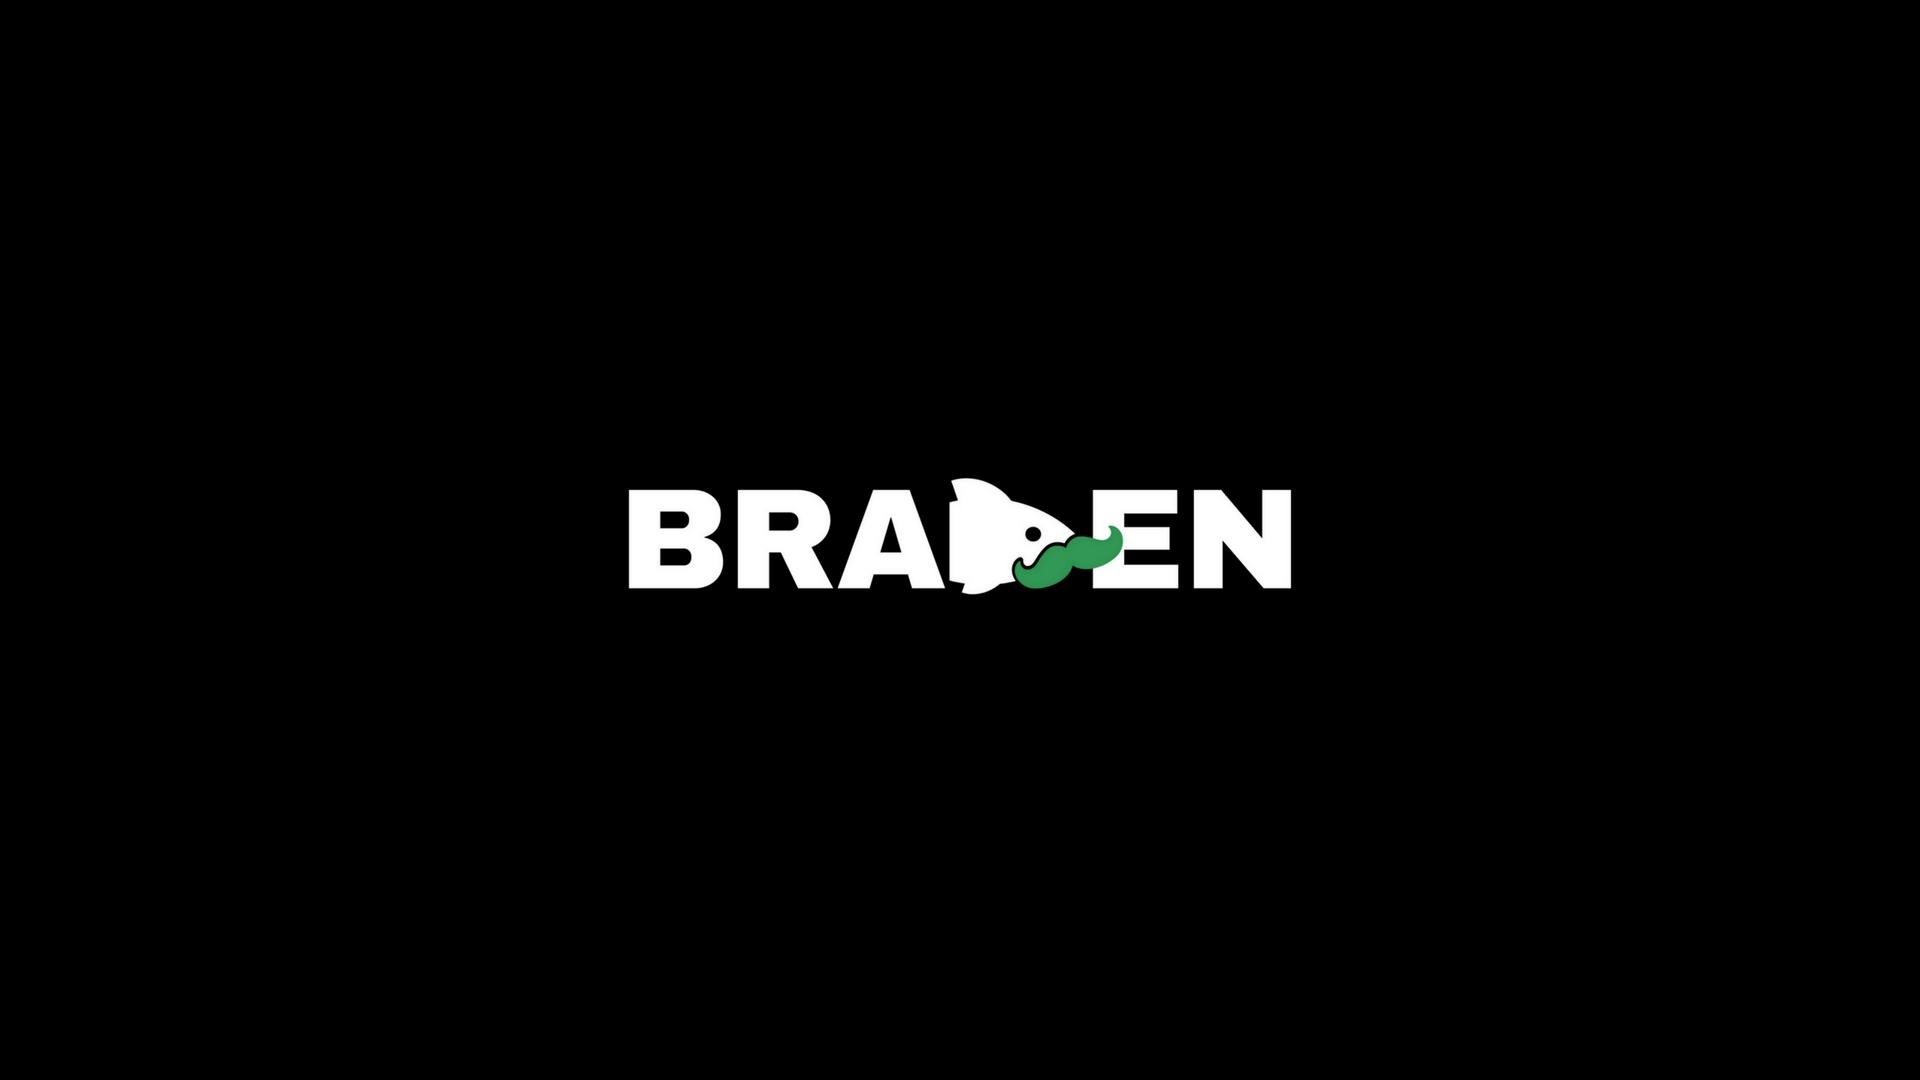 Braden Social Media | State College Pa